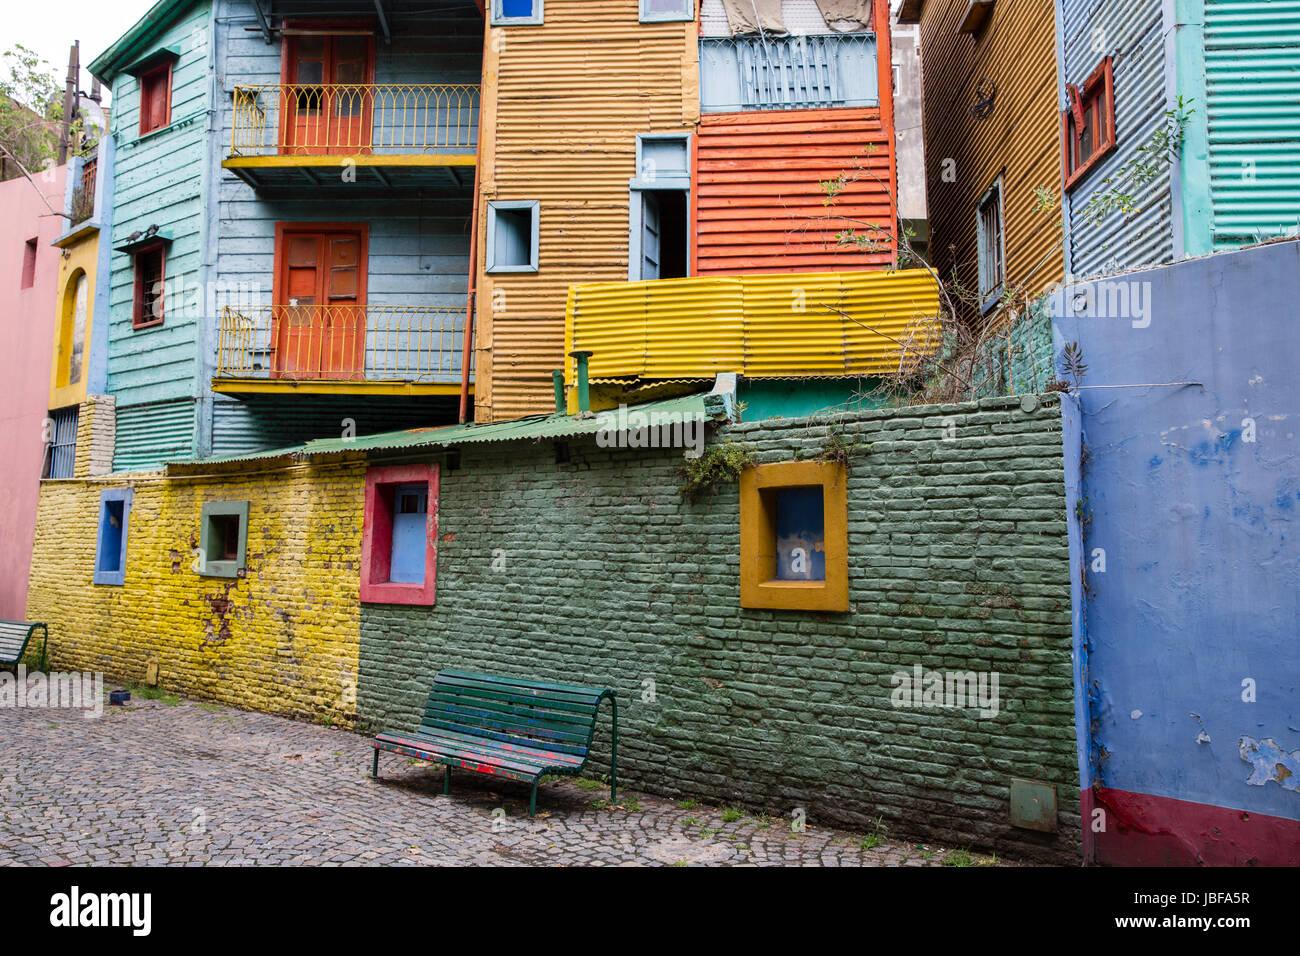 La Boca di case colorate a Buenos Aires, Argentina Immagini Stock